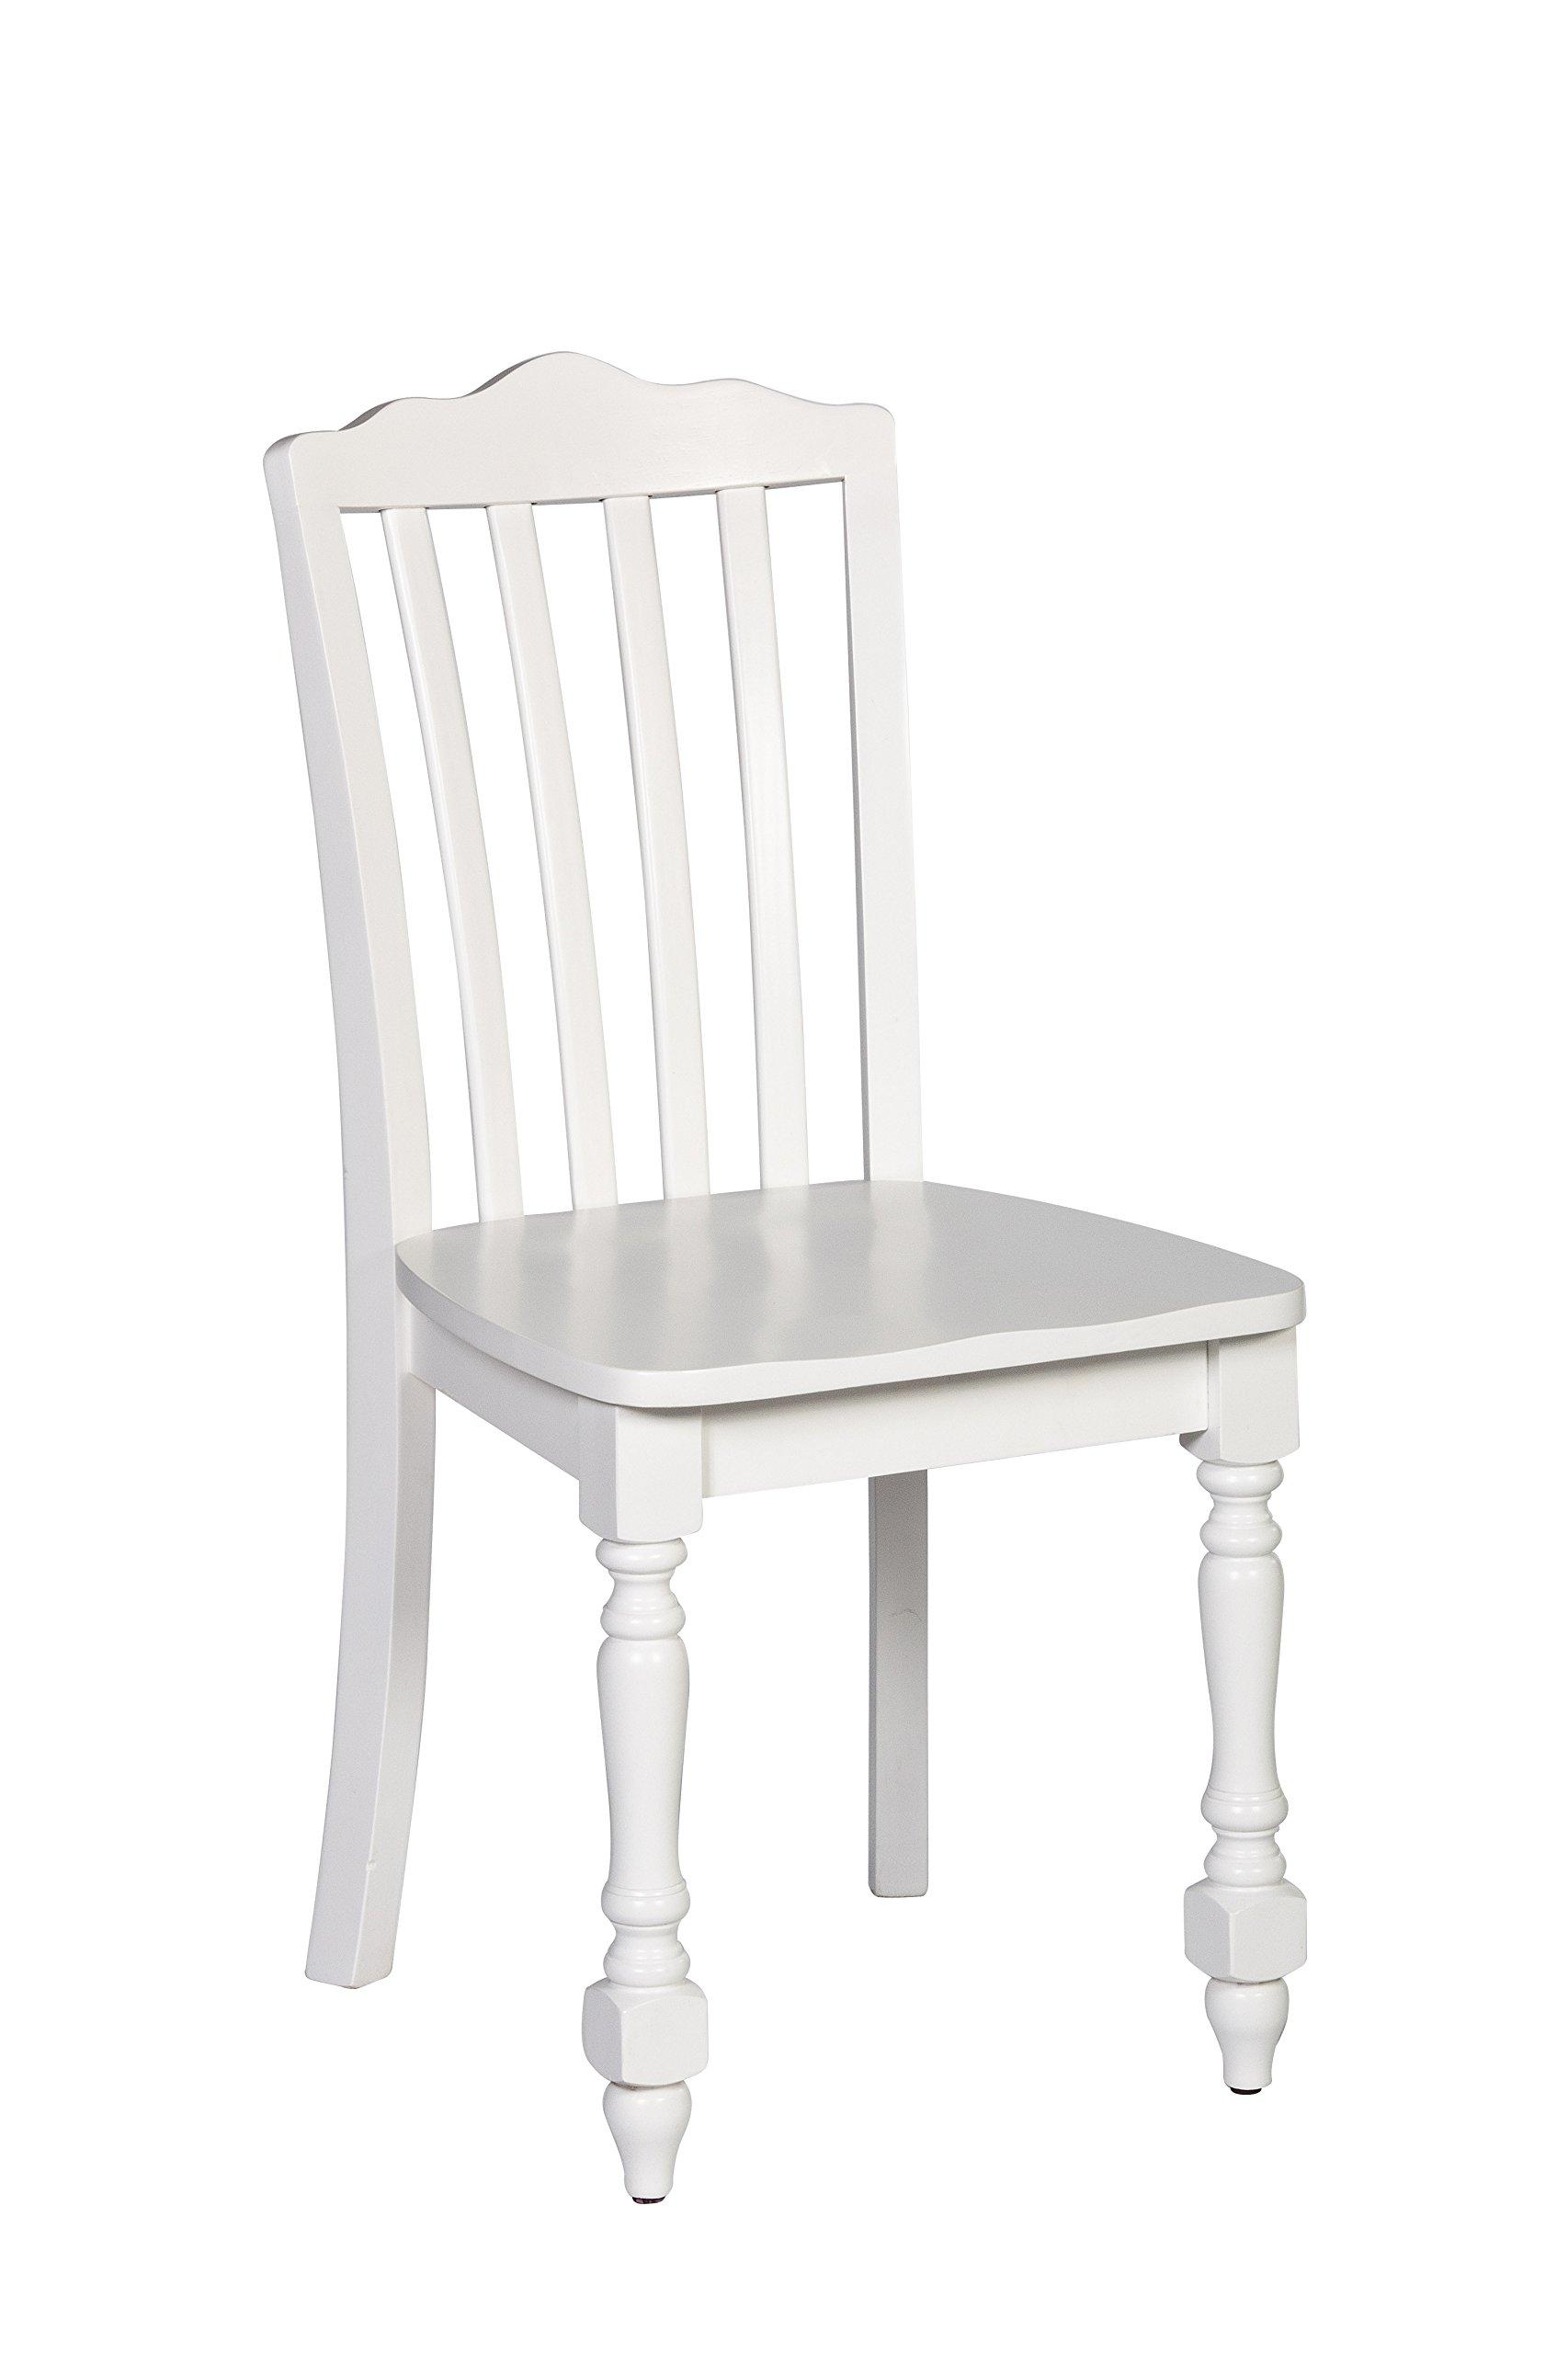 Hillsdale 1528-801 Lauren Chair, White